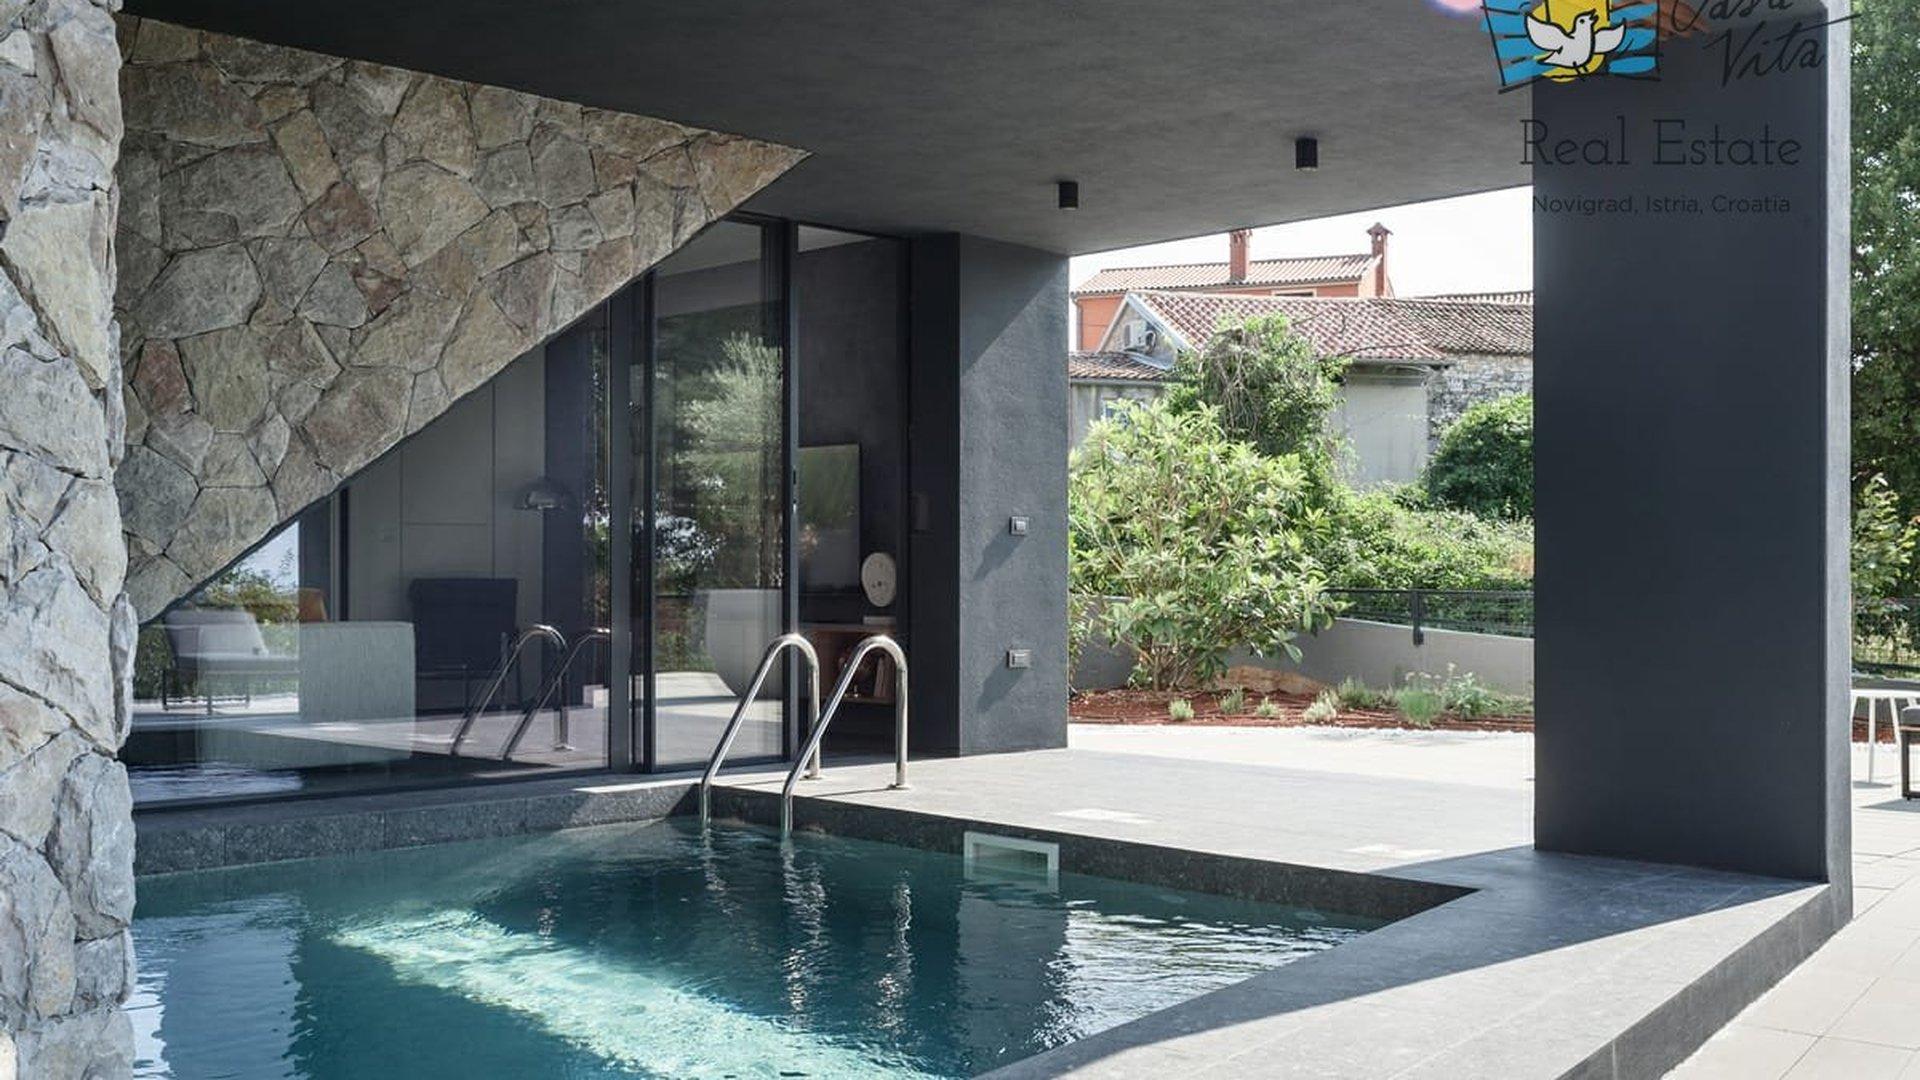 Kupujući nekretninu s bazenom jednostavno ne možete pogriješiti